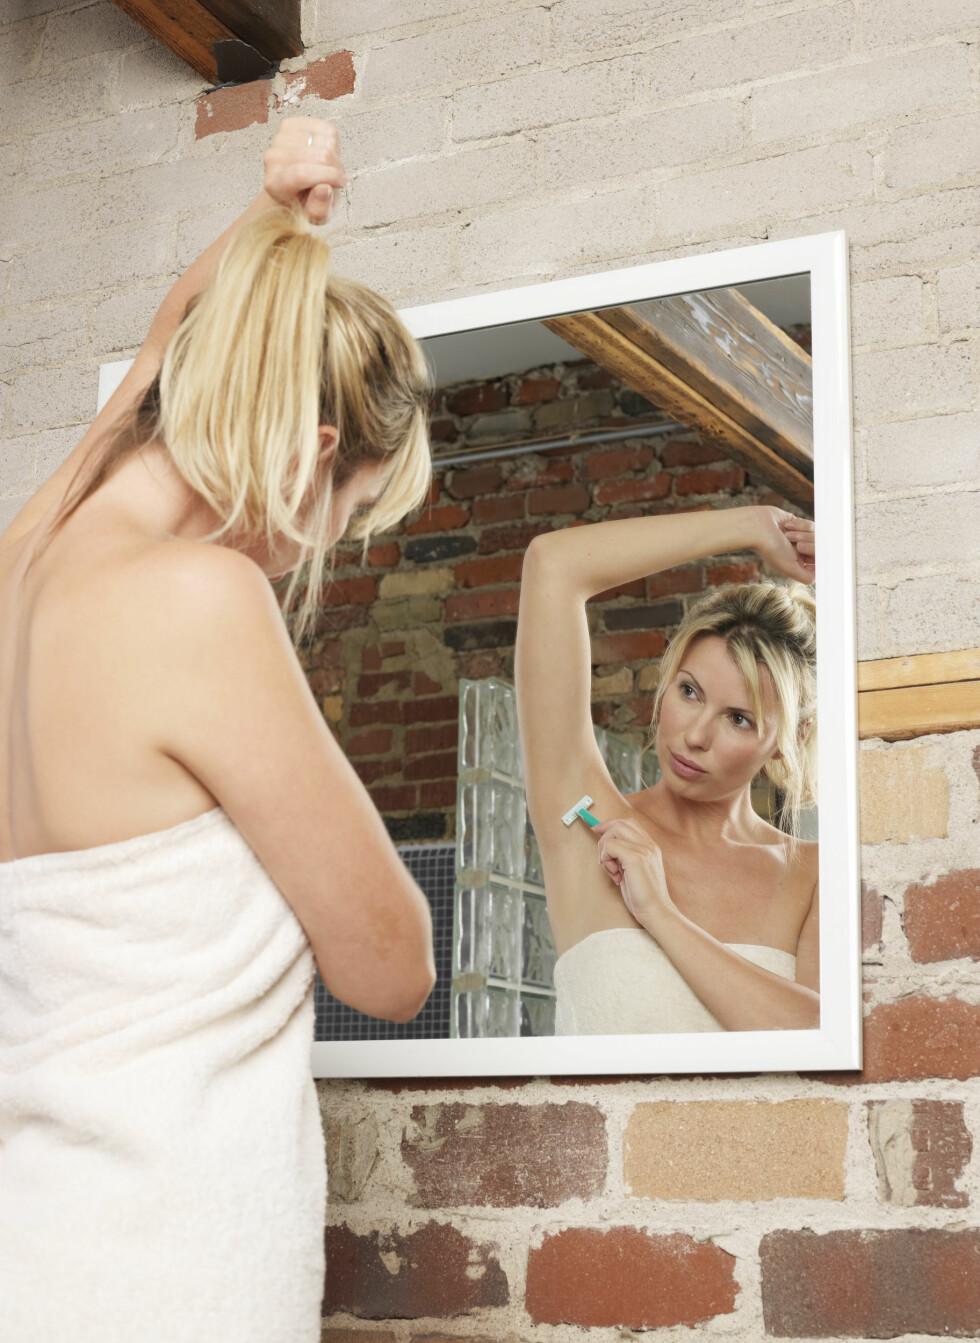 ULIKE FASER: Det er ikke nødvendigvis de samme hårstråene du barberer av annenhver dag, alle hårstråene vokser nemlig ikke ut samtidig på hele kroppen, fordi hårene kan være i ulike faser. Foto: Scanpix/NTB